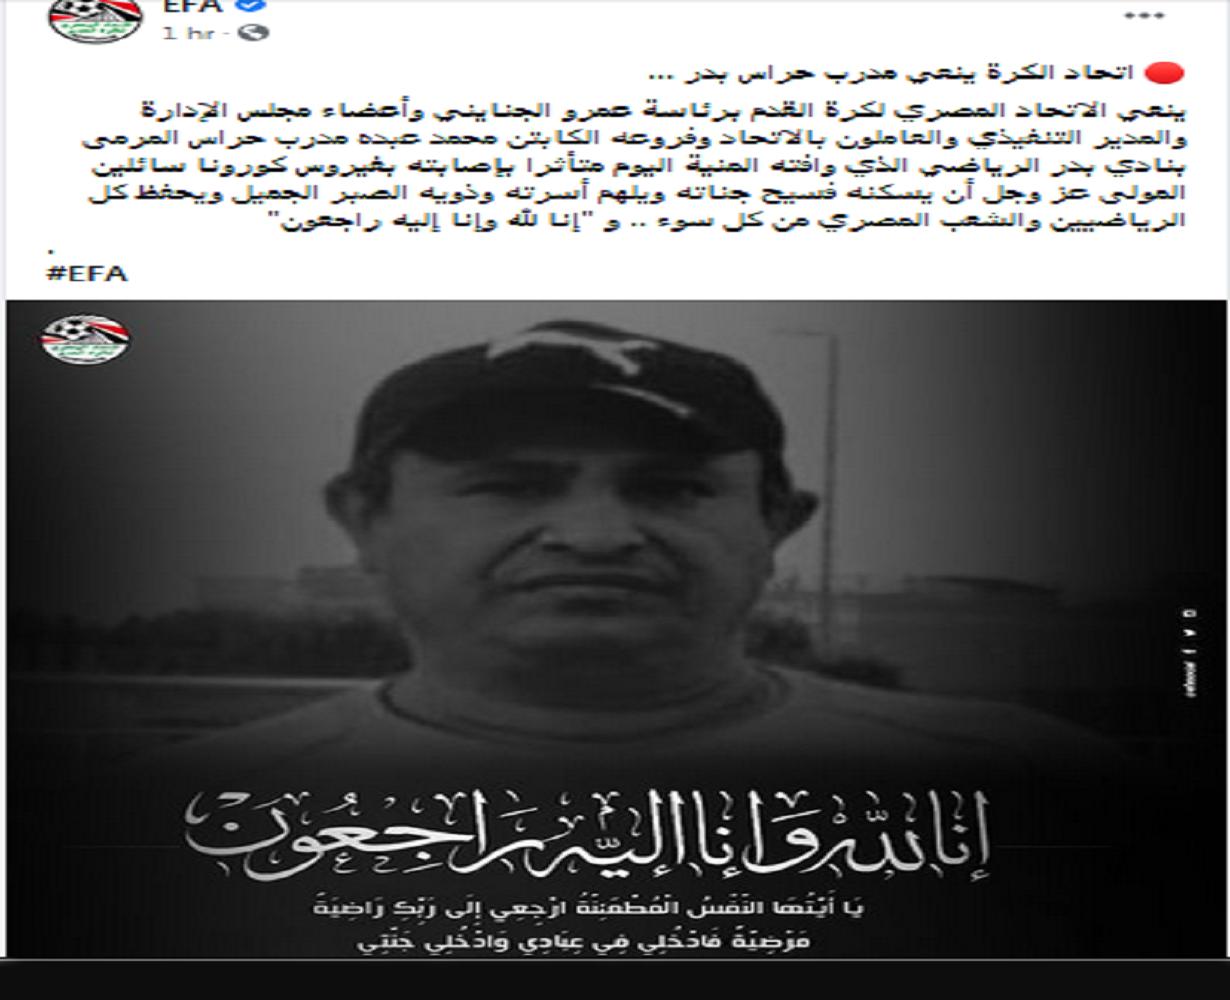 وفاة أول مدرب مصري بفيروس كورونا وأول رد فعل من الاتحاد.. صور